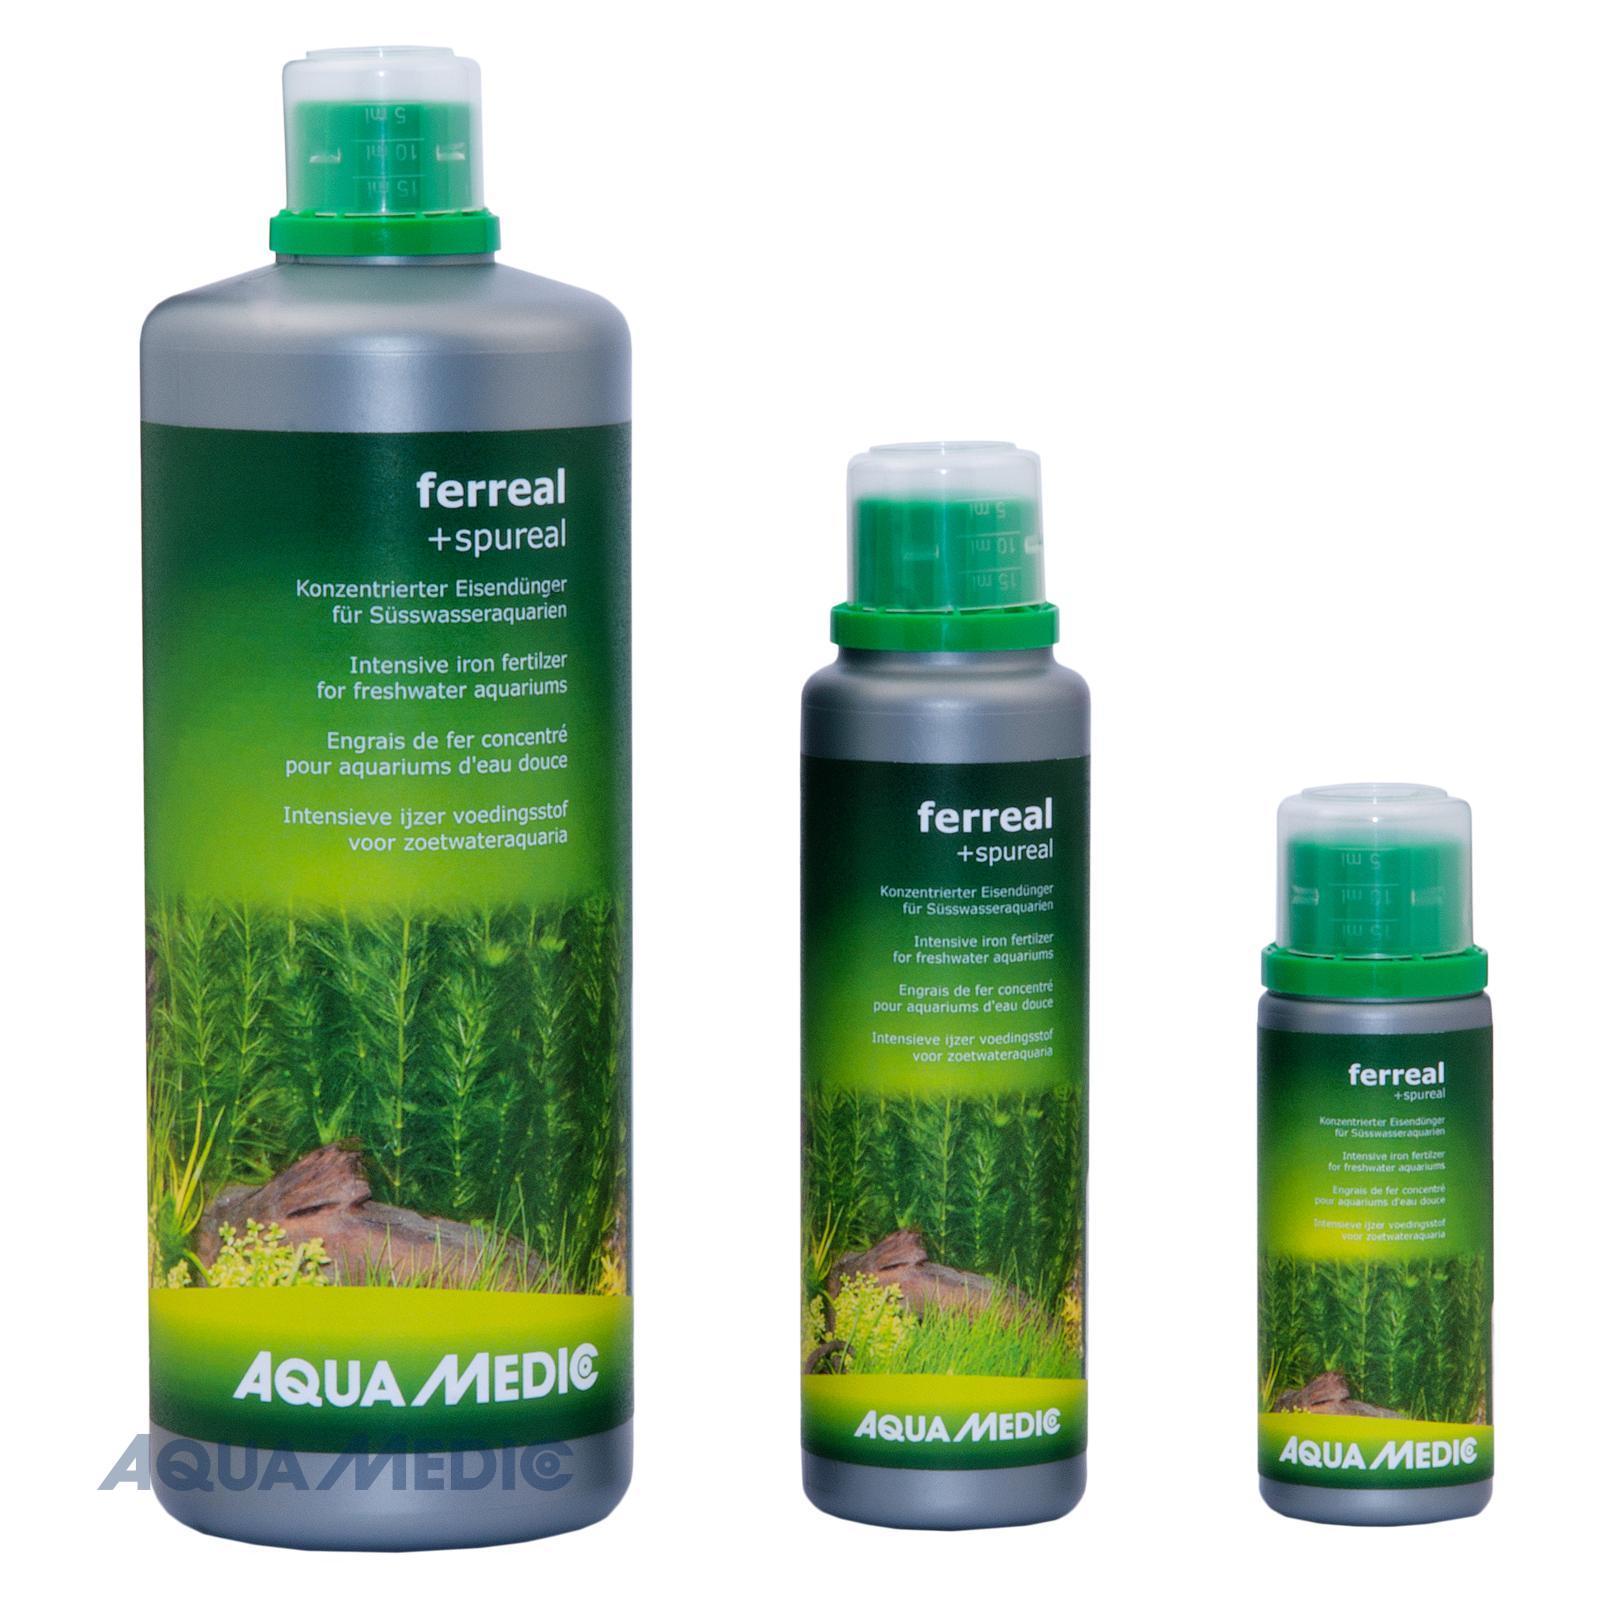 ferreal + spureal 250 ml - Konzentrierter Eisendünger für Süßwasseraquarien